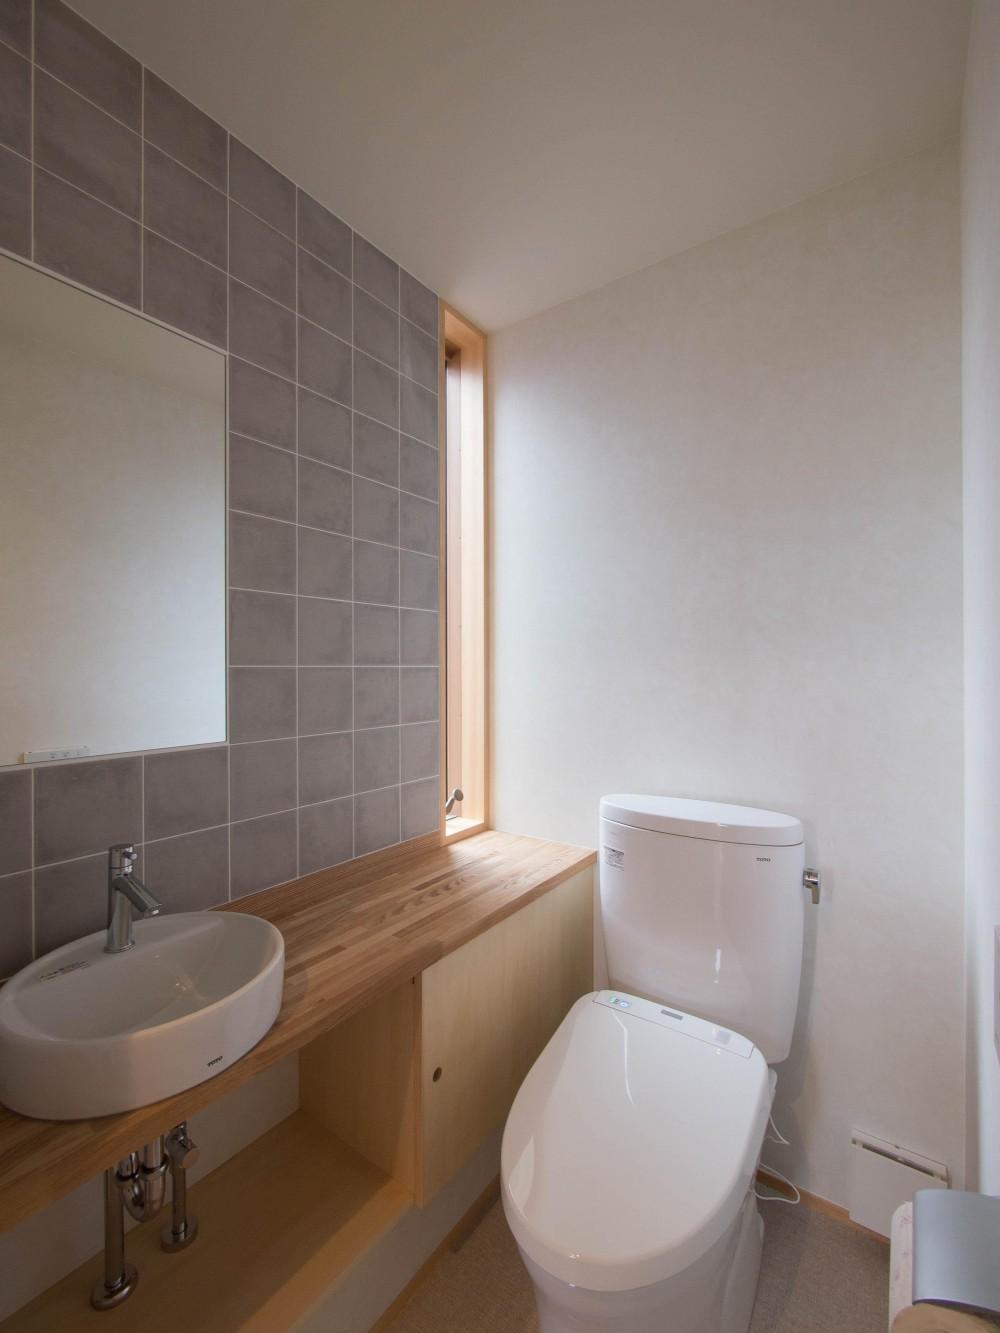 三層回遊の家 (2階トイレ)